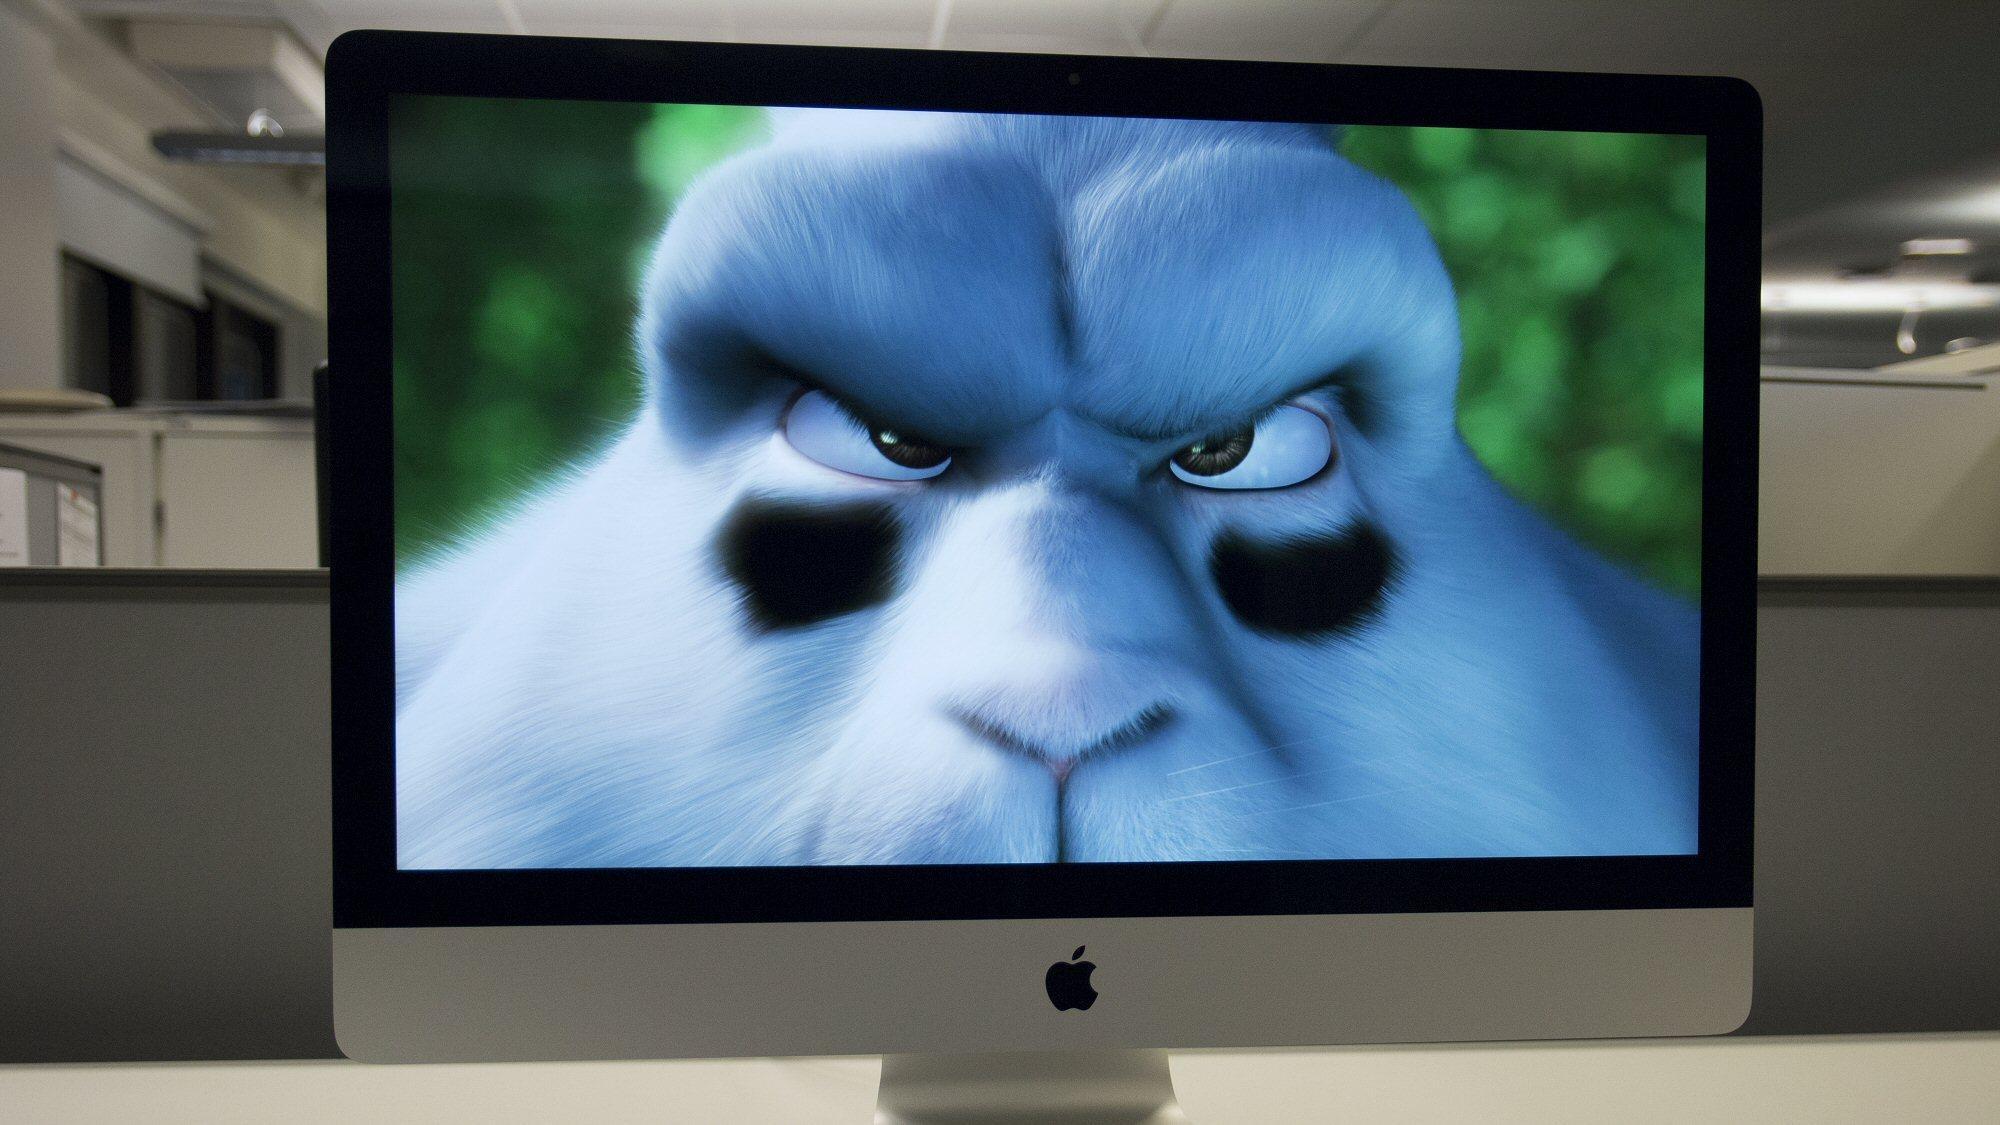 Den nye skjermen skal visstnok ligne på den man finner i Apples 5K-iMac, her avbildet.